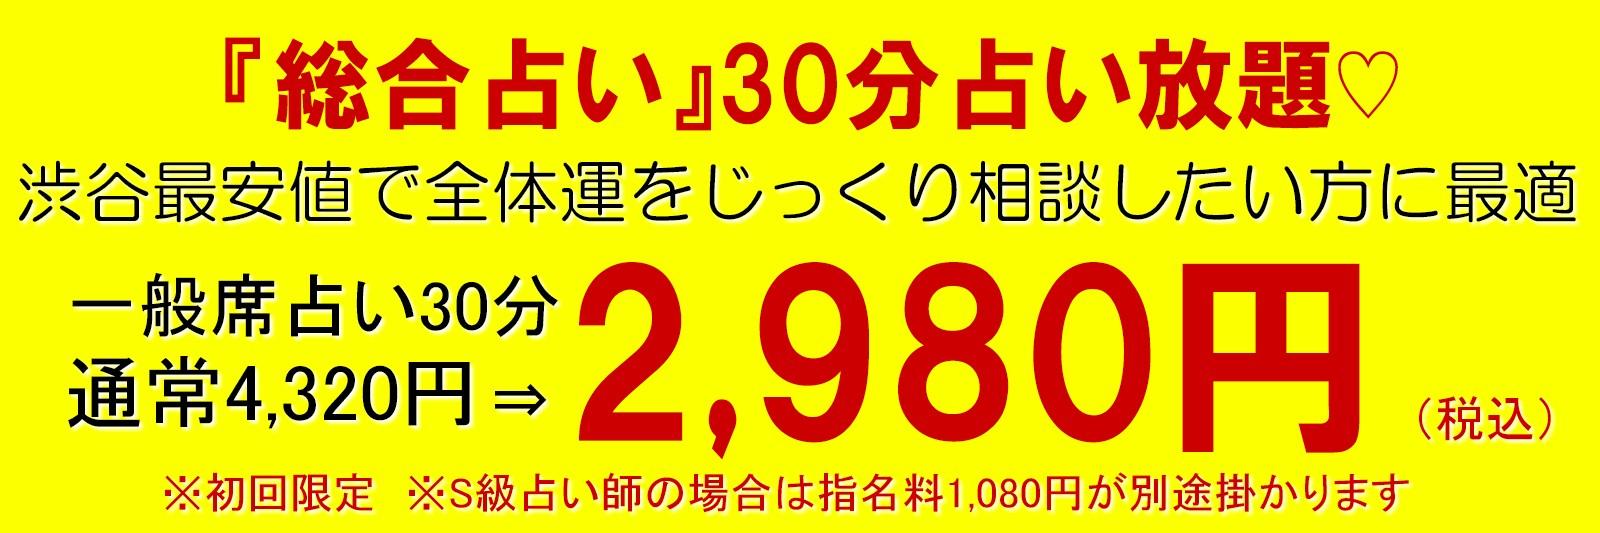 東京渋谷で恋愛占いなら【総合占い30分2,980円】が人気の『婚活もできる占い館BCAFE(ビーカフェ)渋谷店がオススメ!東京渋谷最安値で全体運(恋愛・結婚・仕事・金運等)が全てご相談が可能です。